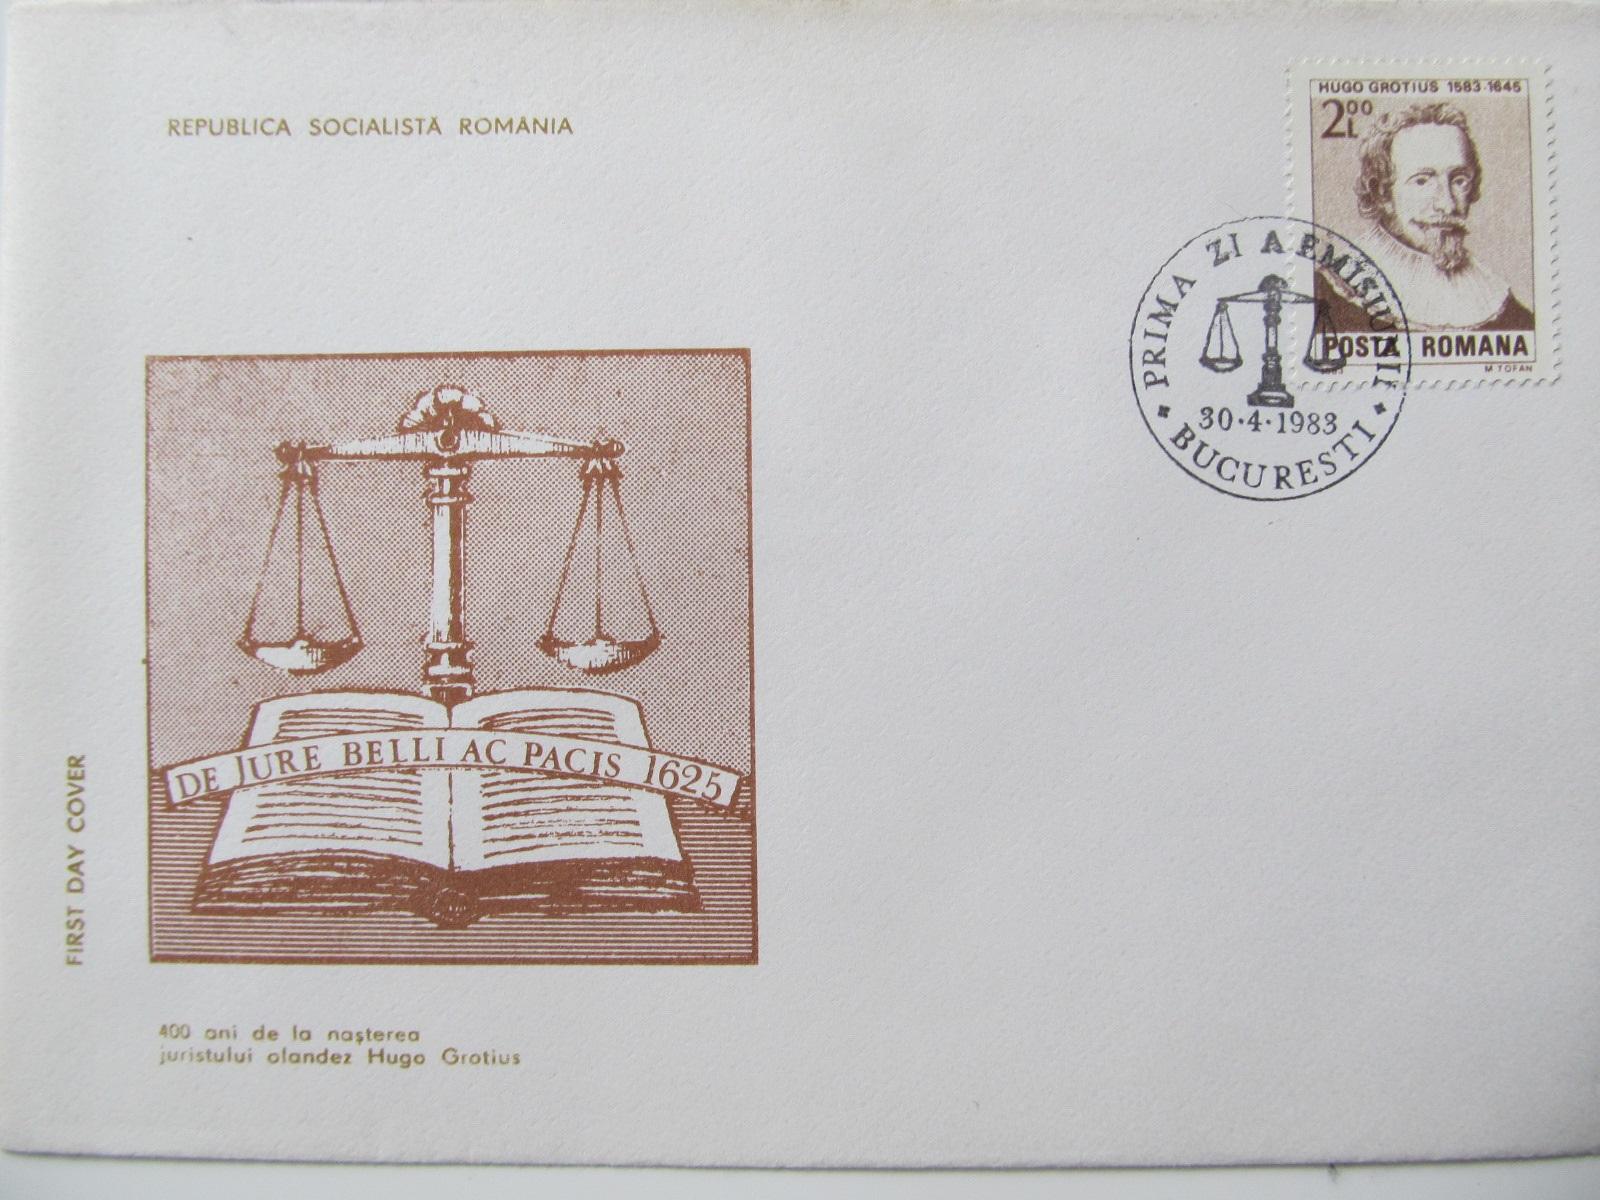 FDC , 400 ani de la nasterea juristului olandez Hugo Grotius , 1983